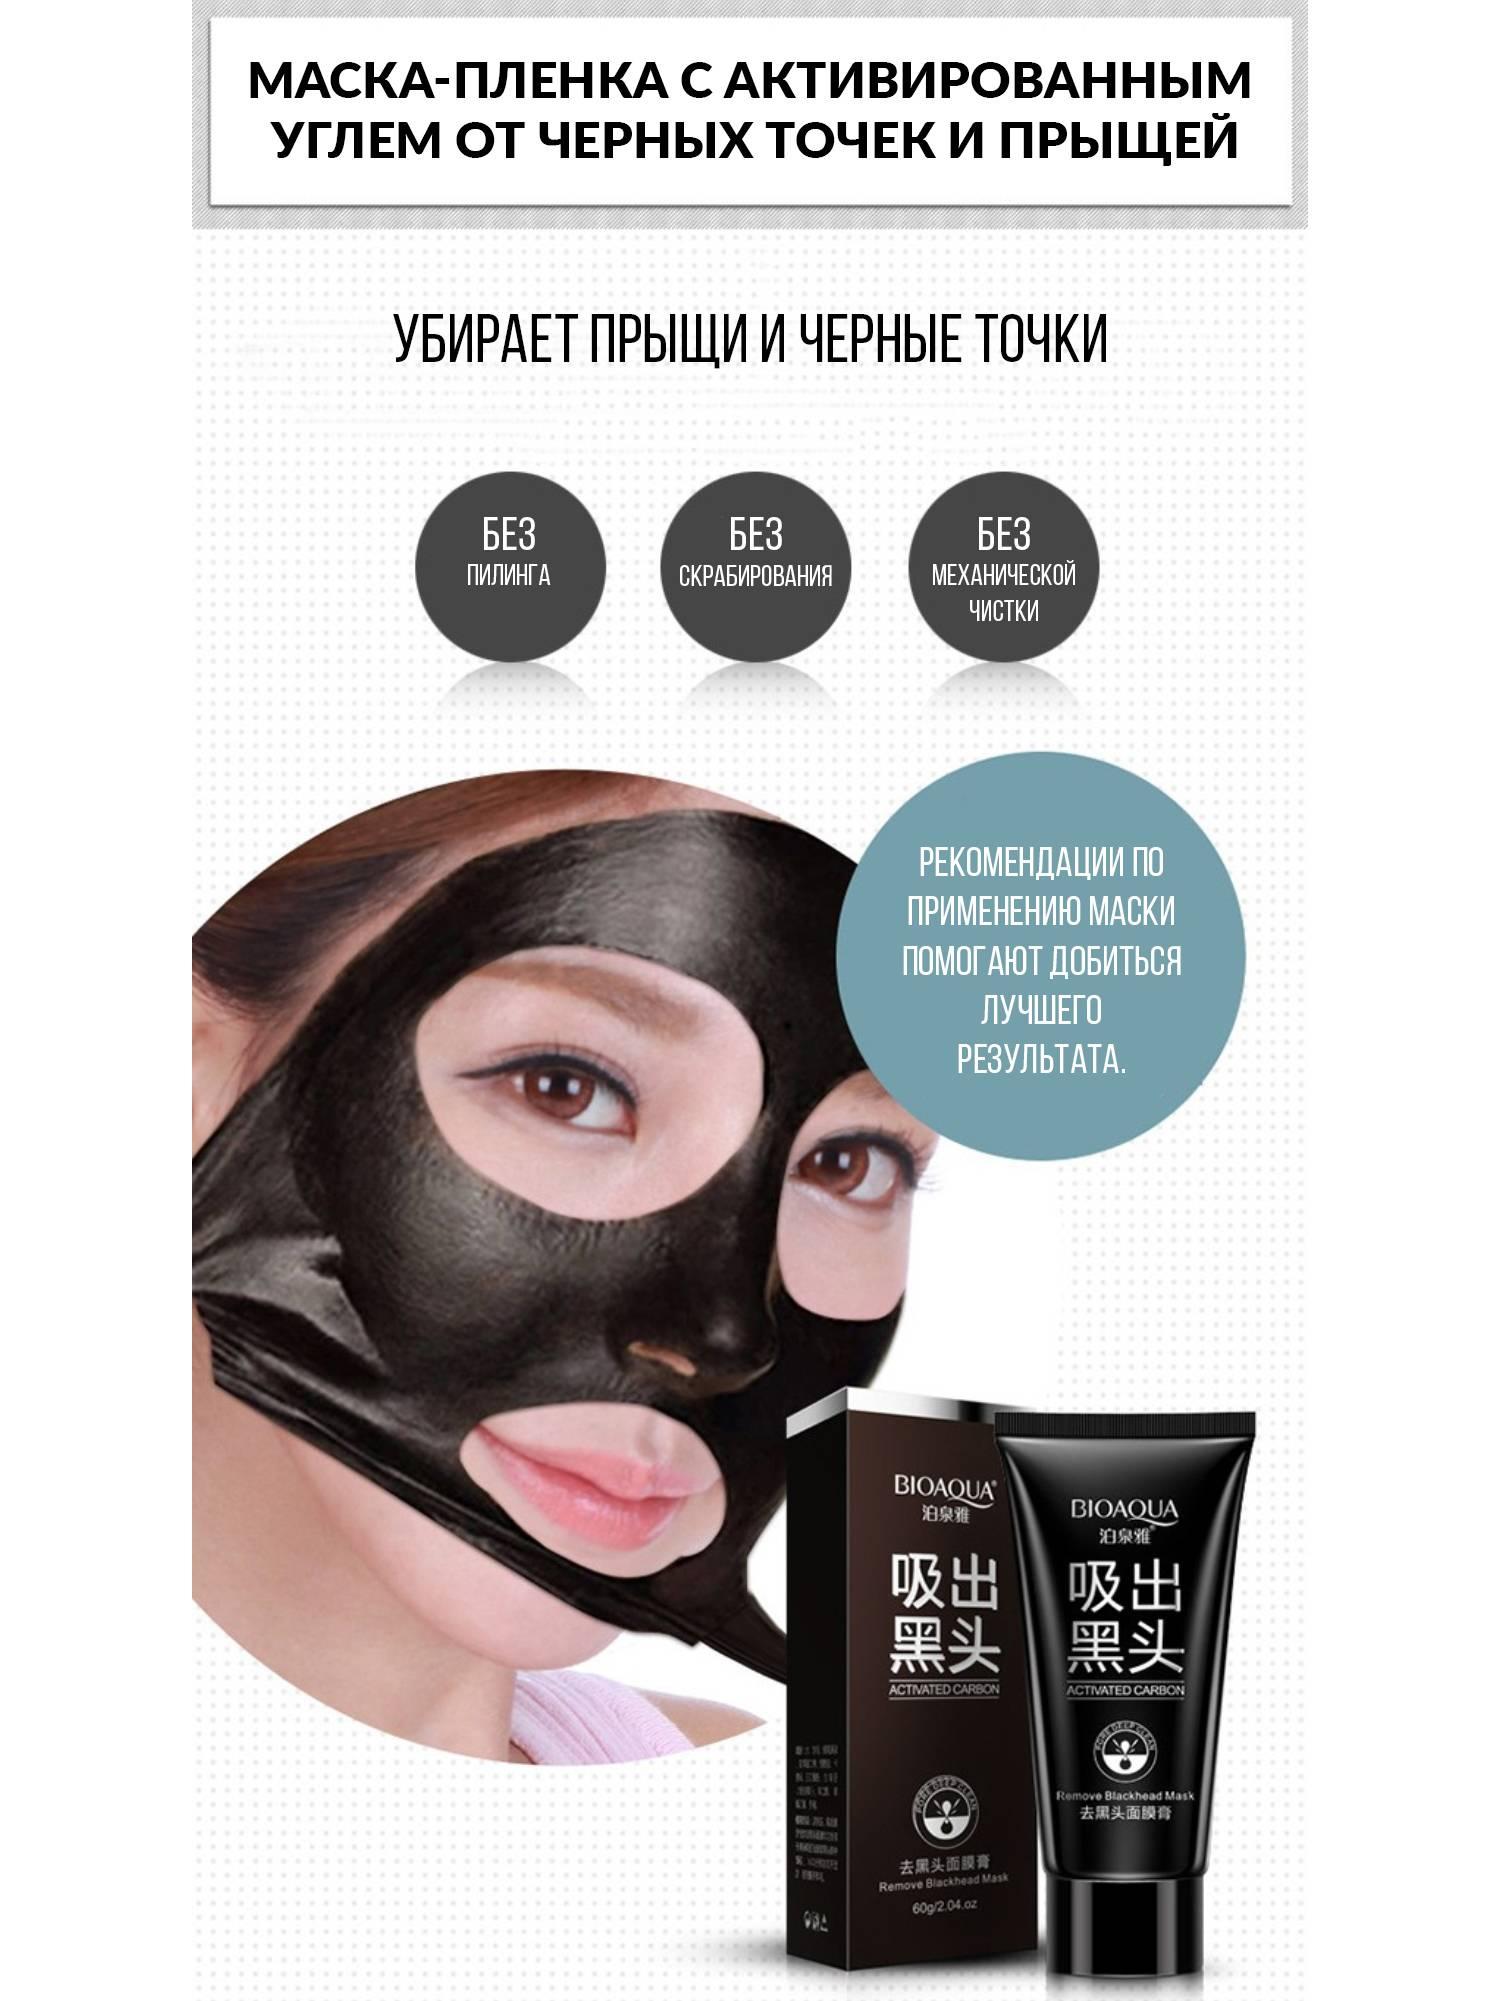 Эффективен ли активированный уголь от черных точек на лице